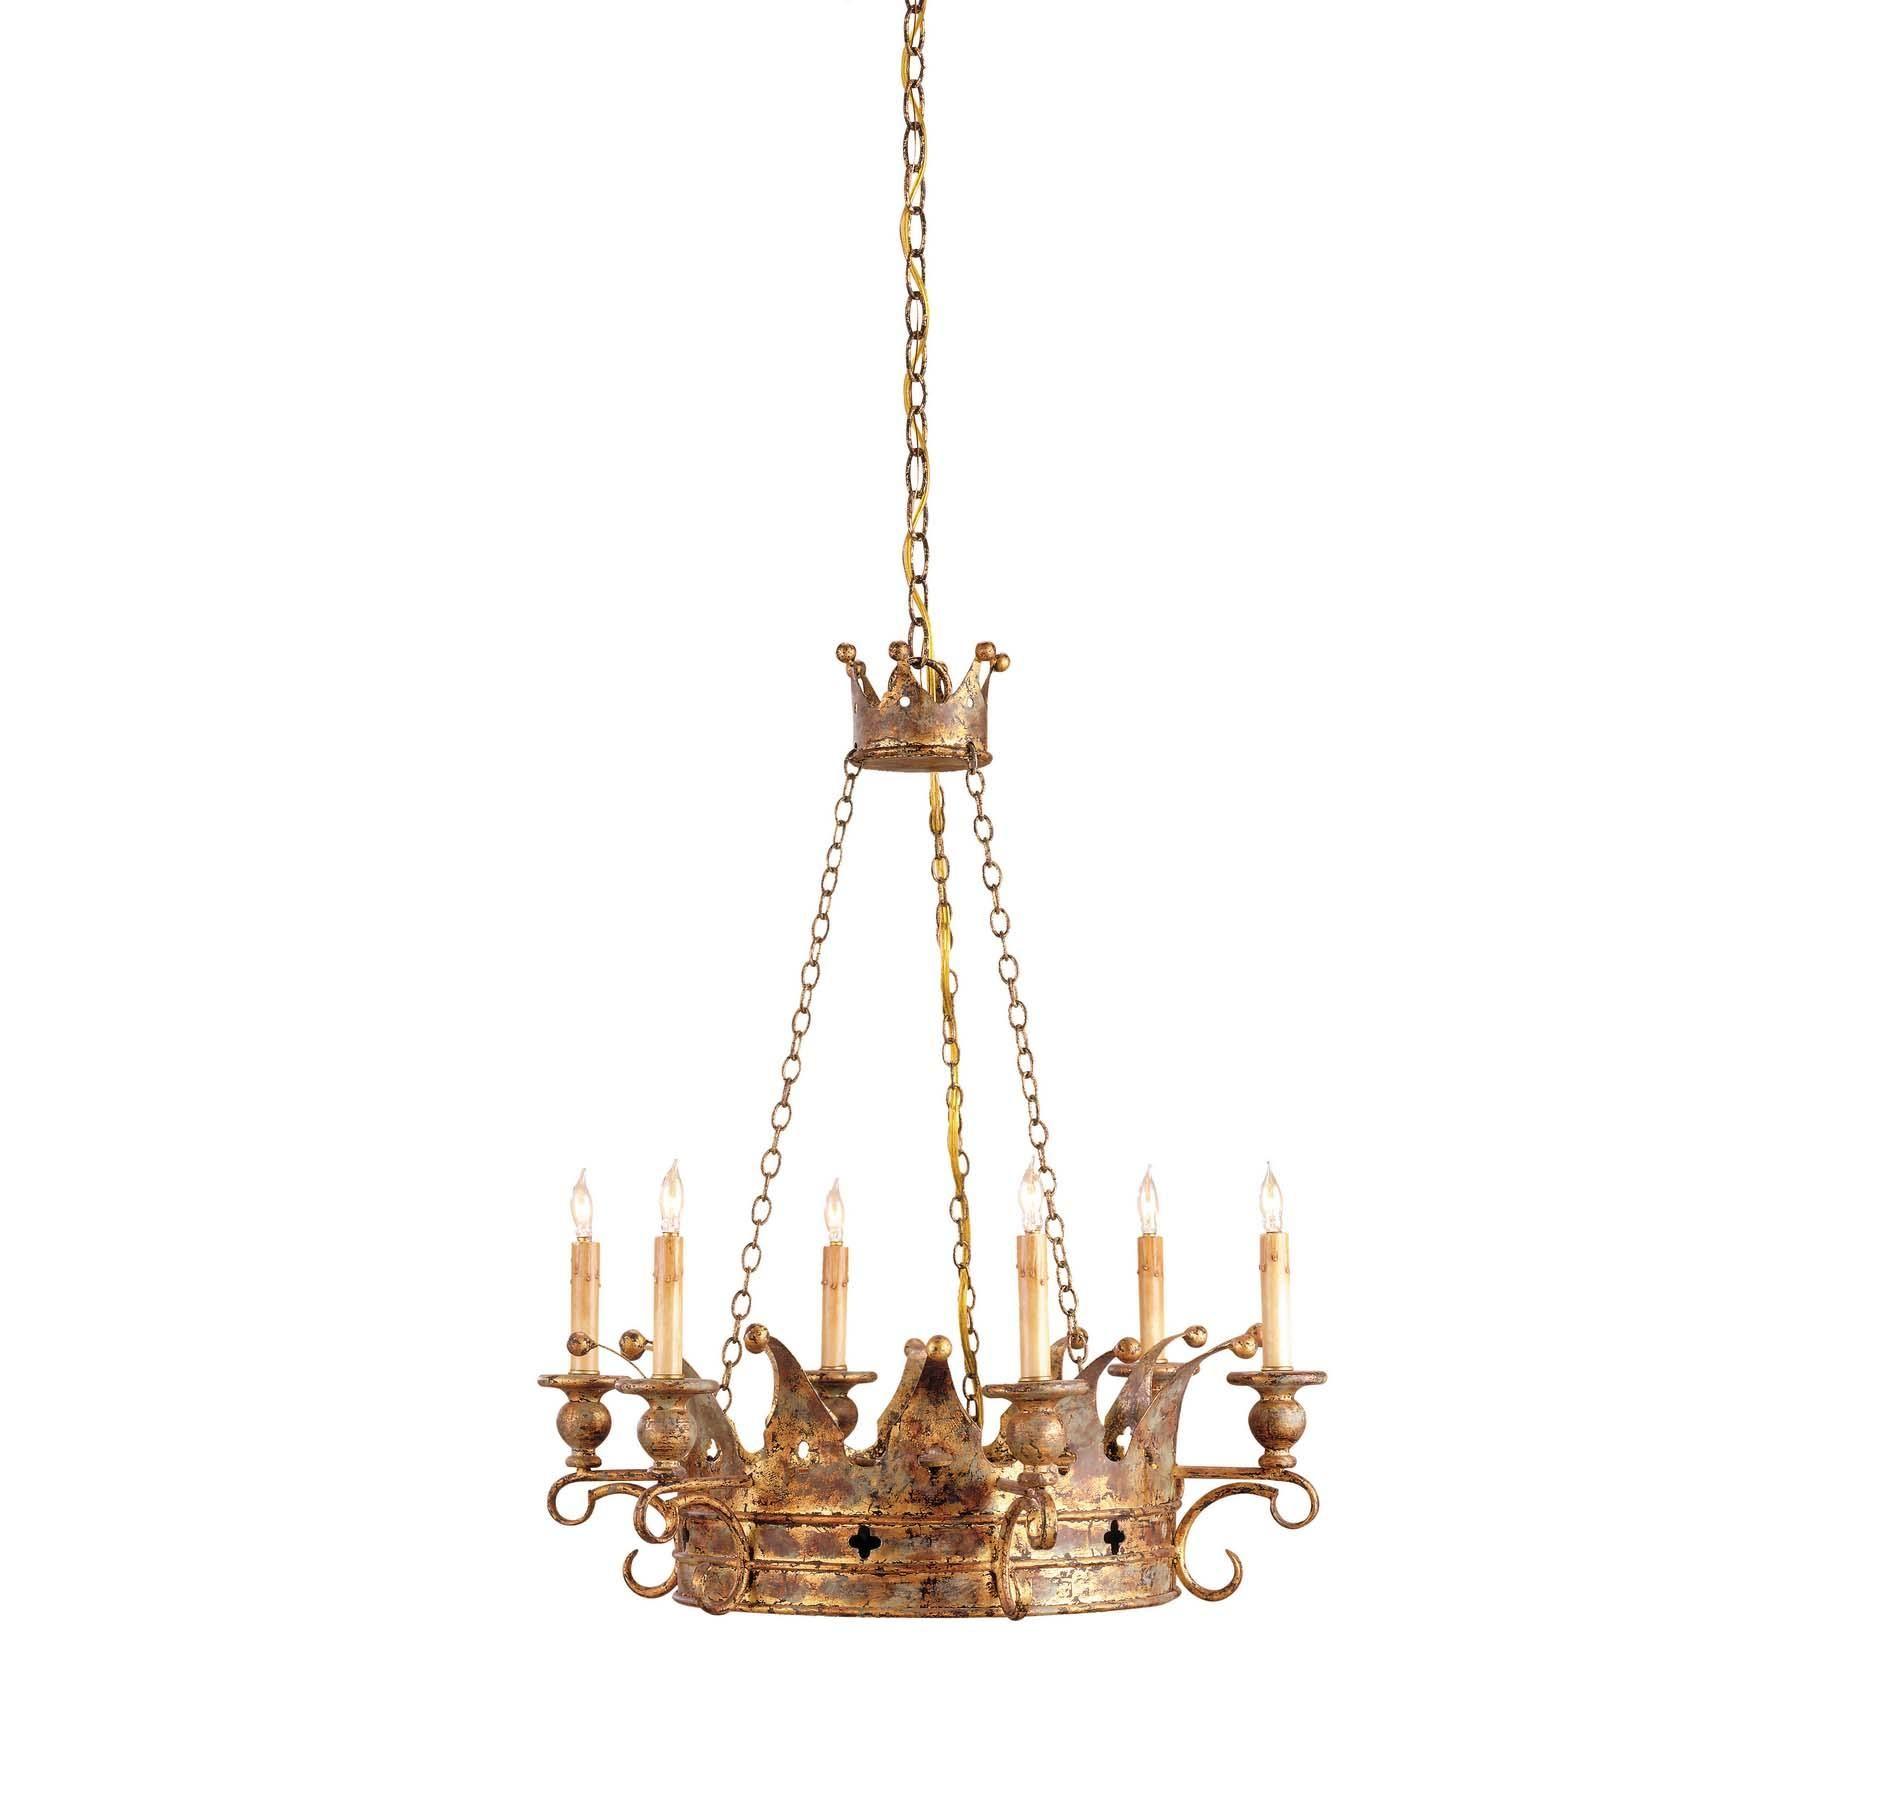 Currey & Company Crown Chandelier in Viridian Gold in Ceiling Lights, Chandeliers, Indoor Chandeliers: LightsOnline.com